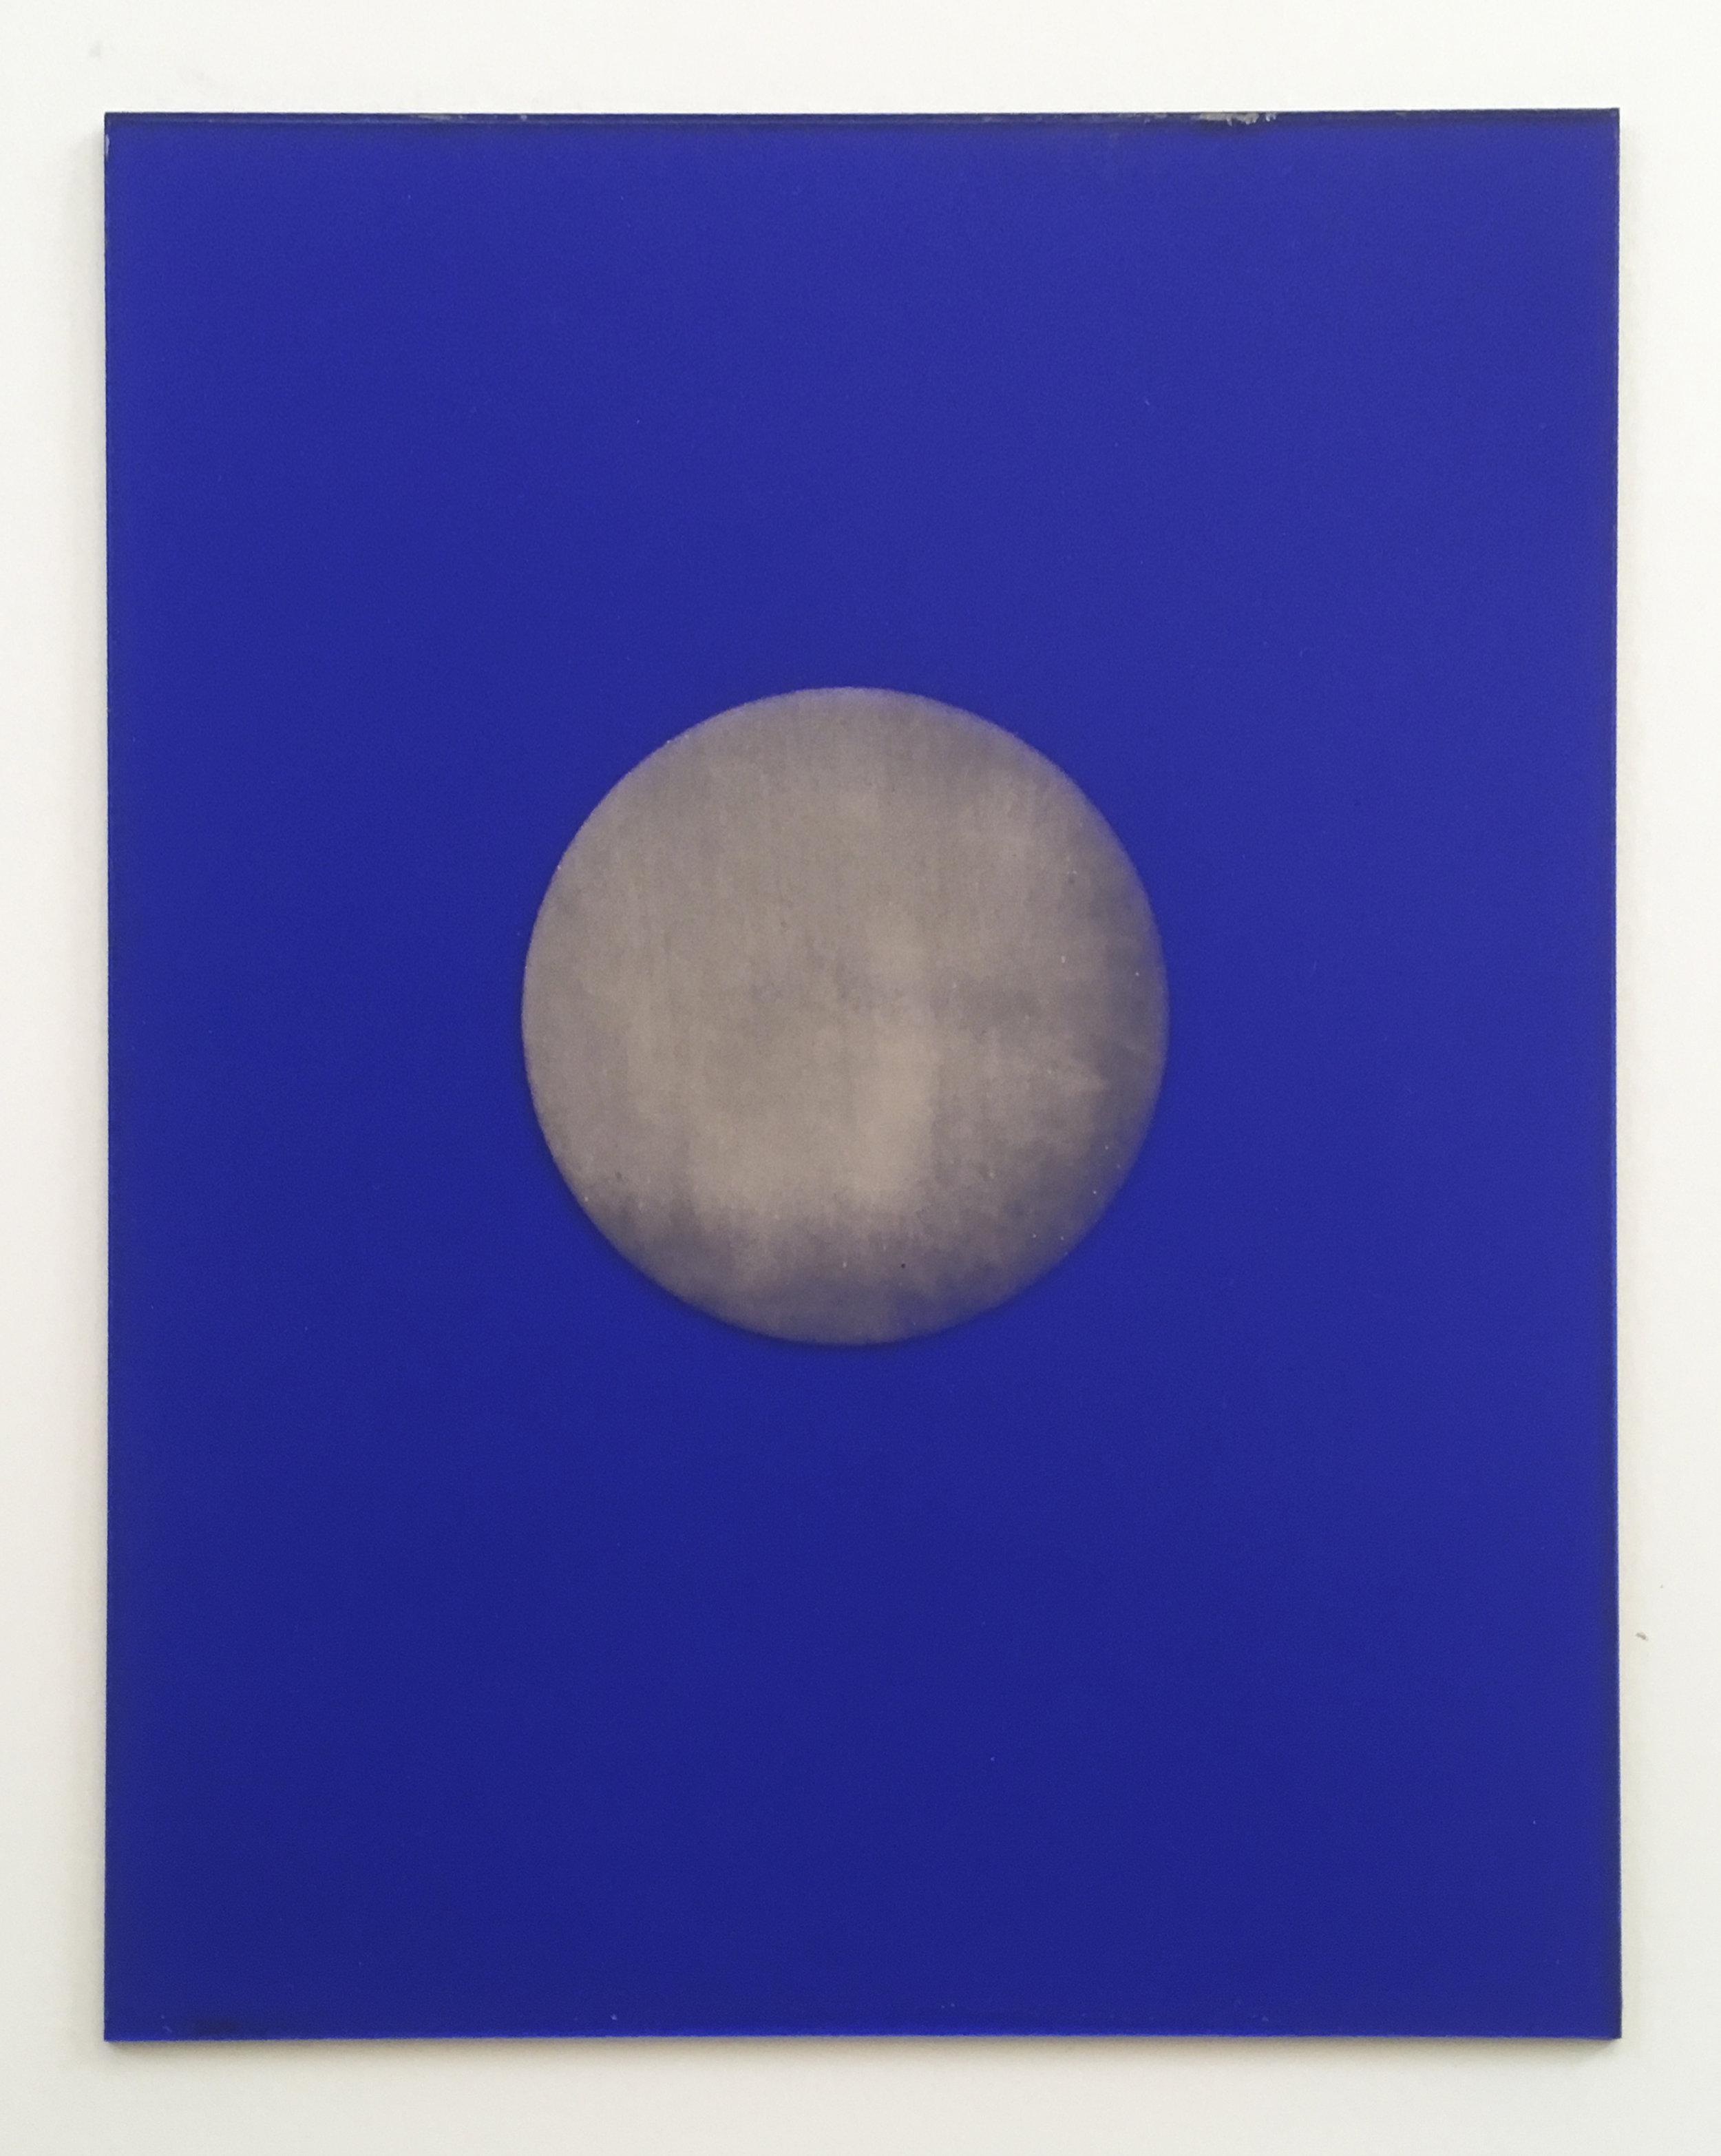 Intuition bleue #1 2019, ambrotype sur verre teinté bleu, 18 × 24 cm, pièce unique